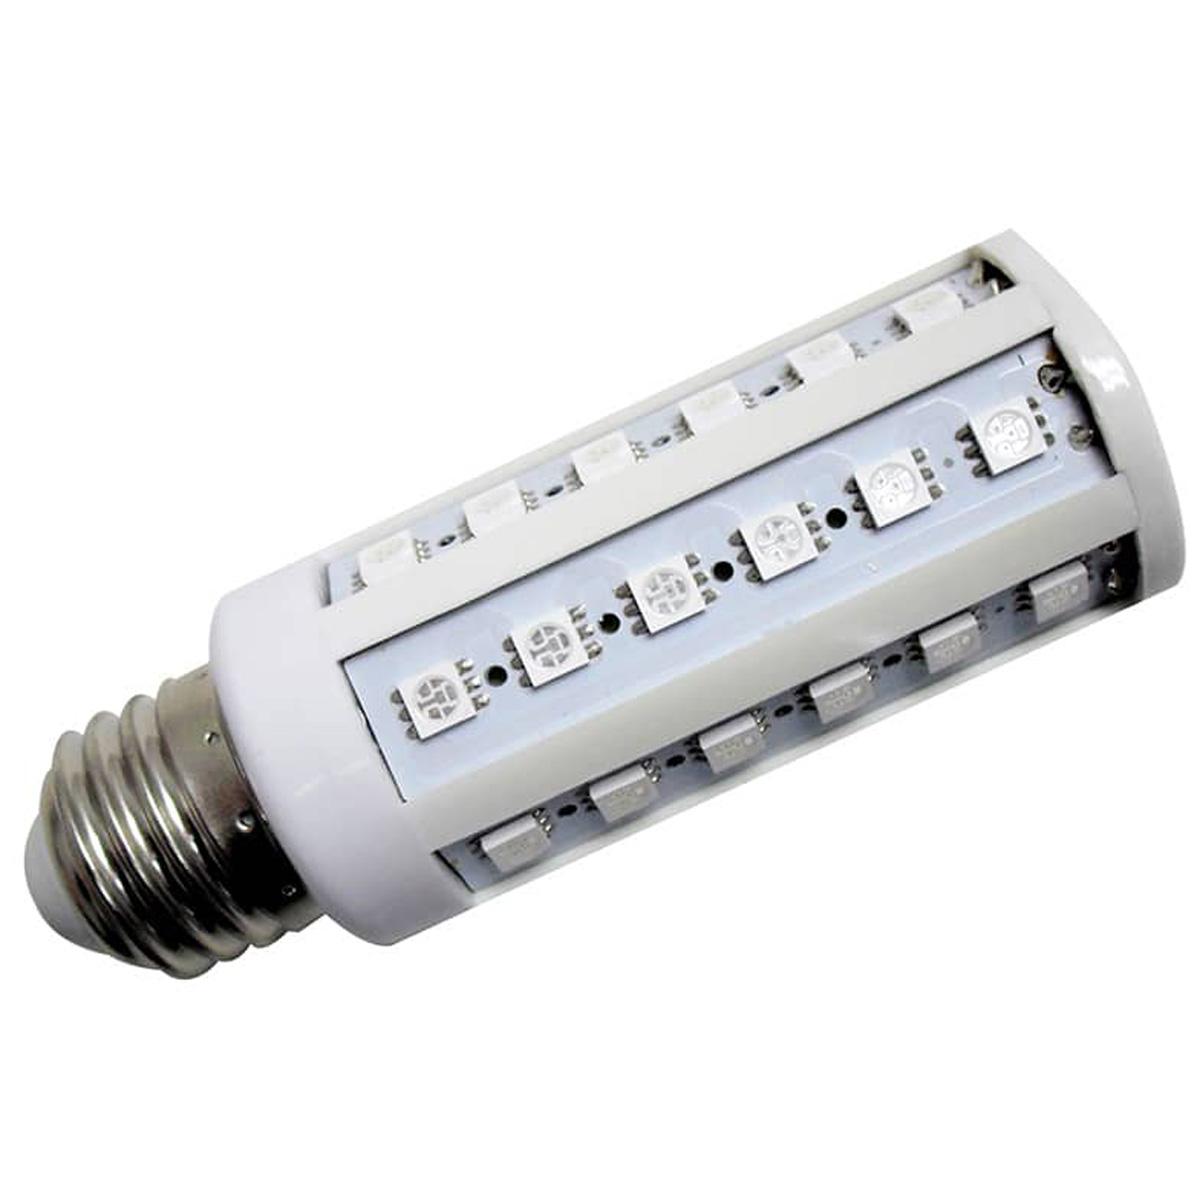 led beacon lamp 4 watt watt man l e d lighting